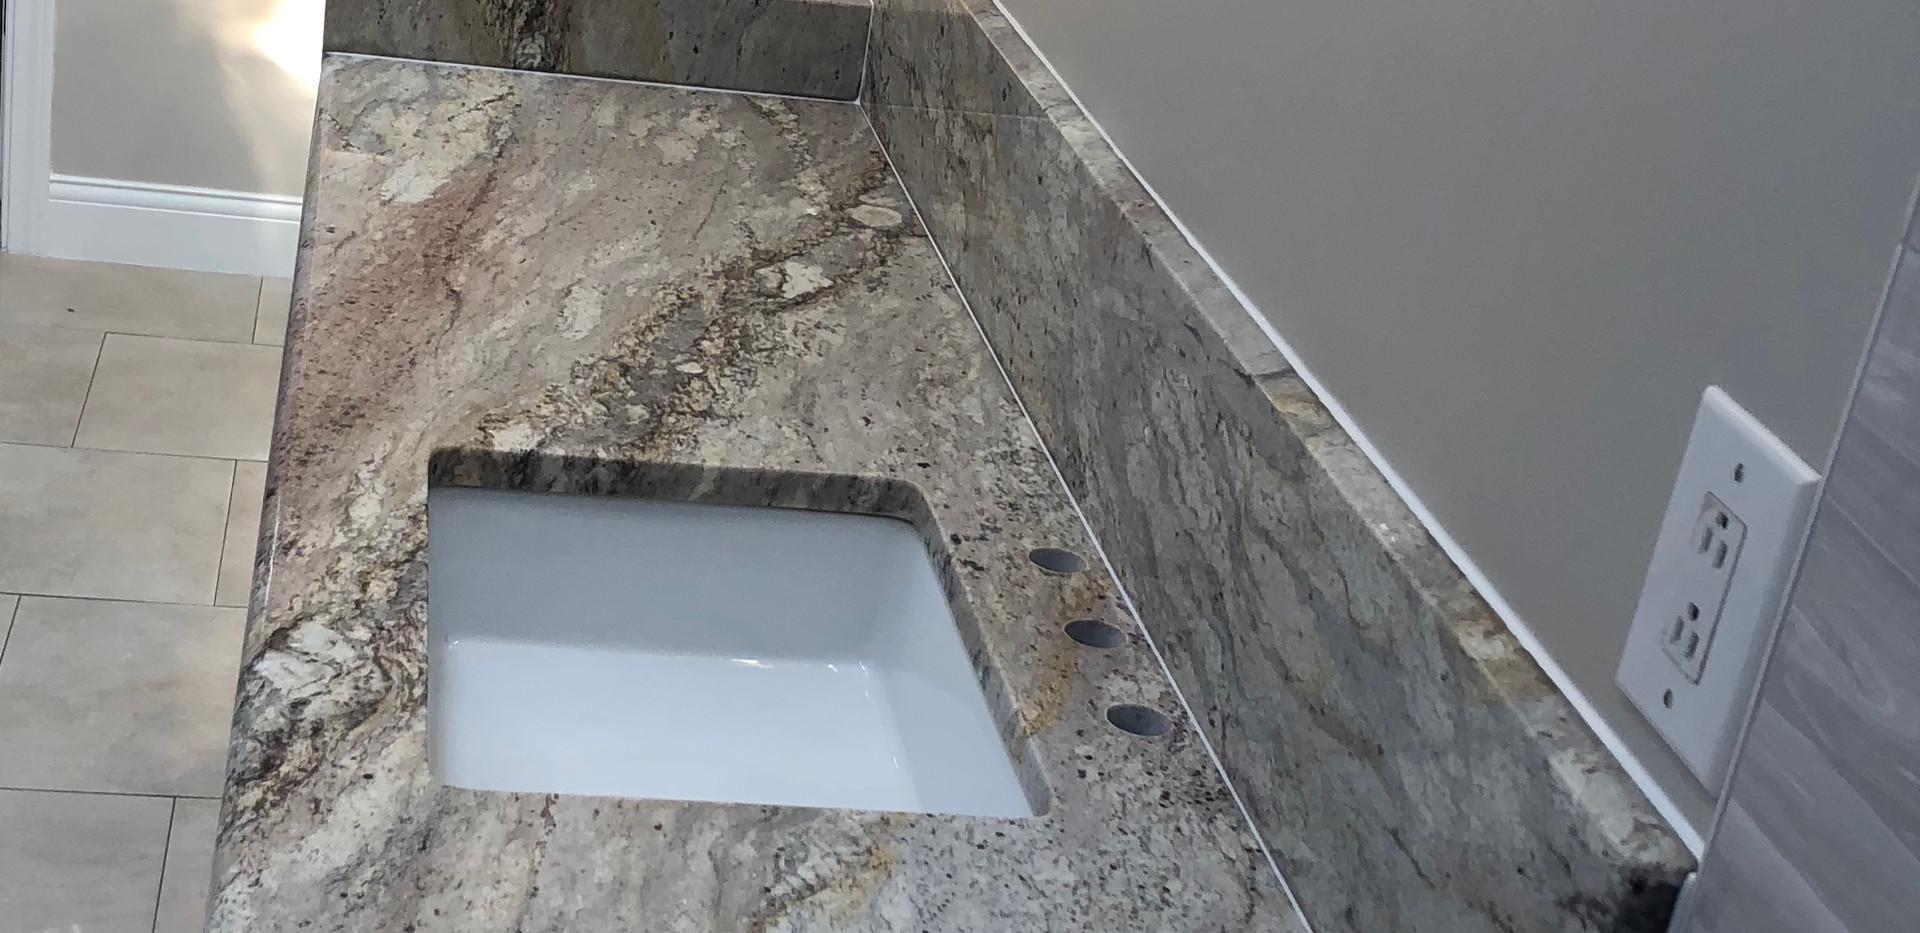 Exotic_granite_countertop_sink.jpeg